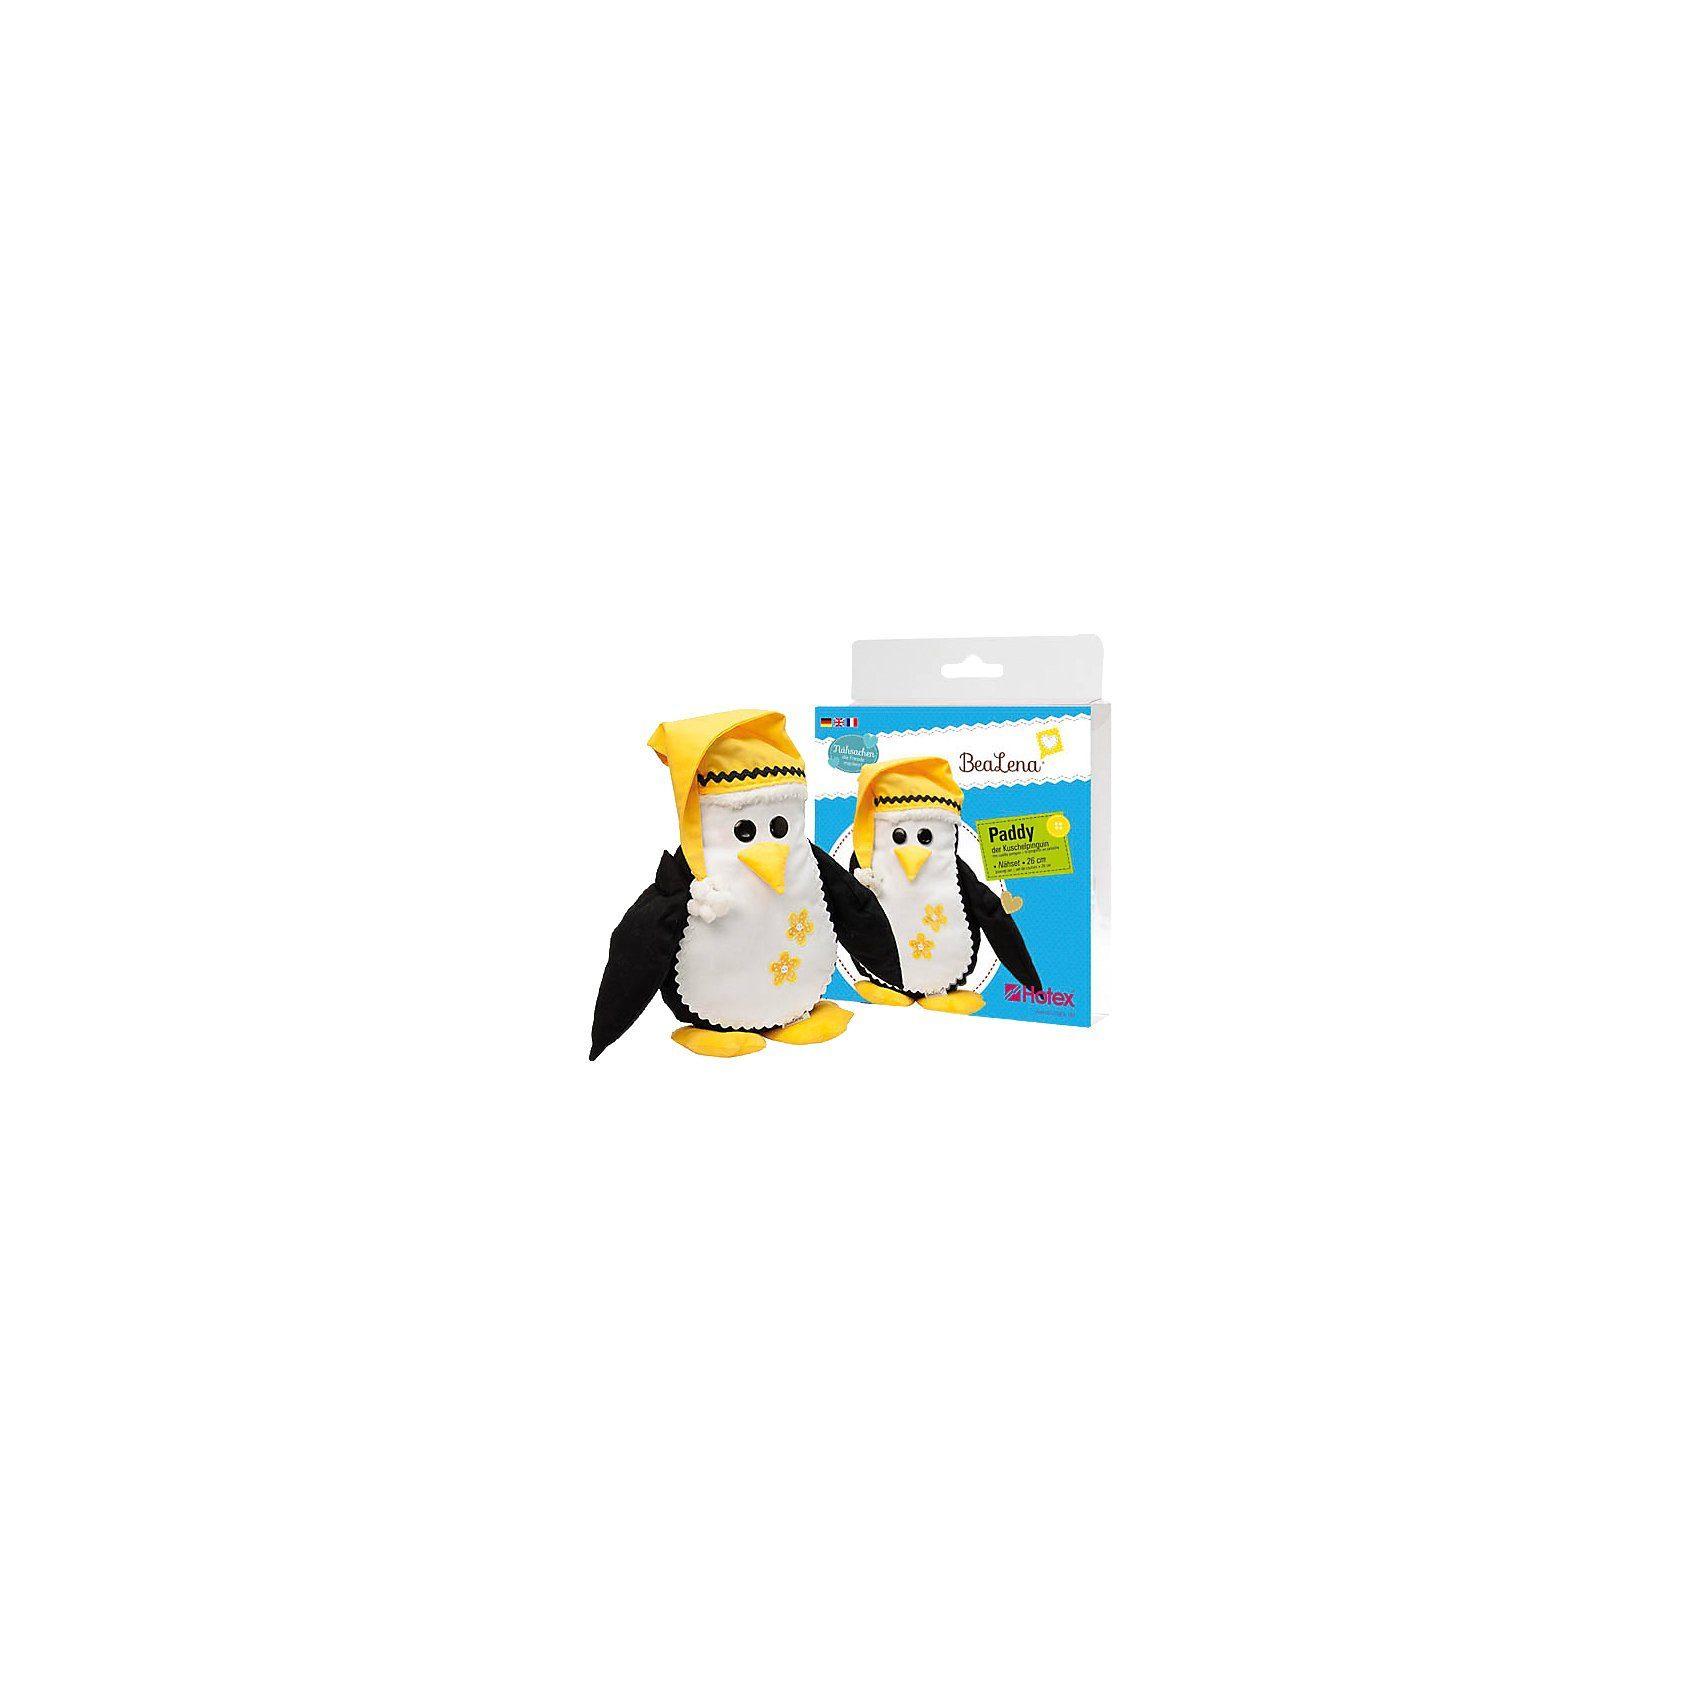 Hotex BeaLena Nähset Pinguin Paddy